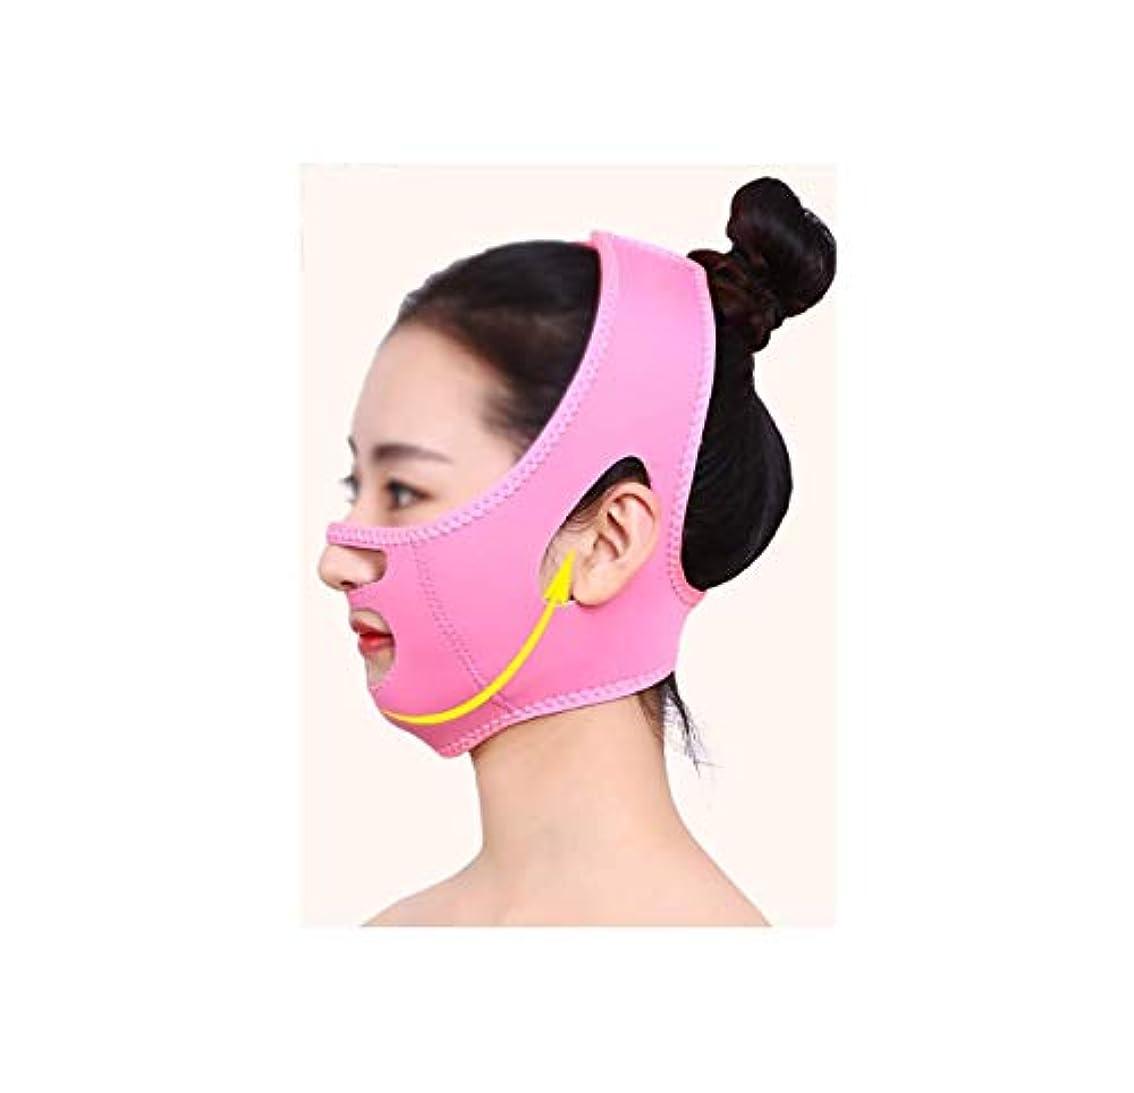 エンジン神学校繕うフェイスリフトマスク、フェイシャルマスク薄い顔マシン美容器具ローラー顔面薄い顔Vフェイスマスクダブルあご包帯アーティファクト